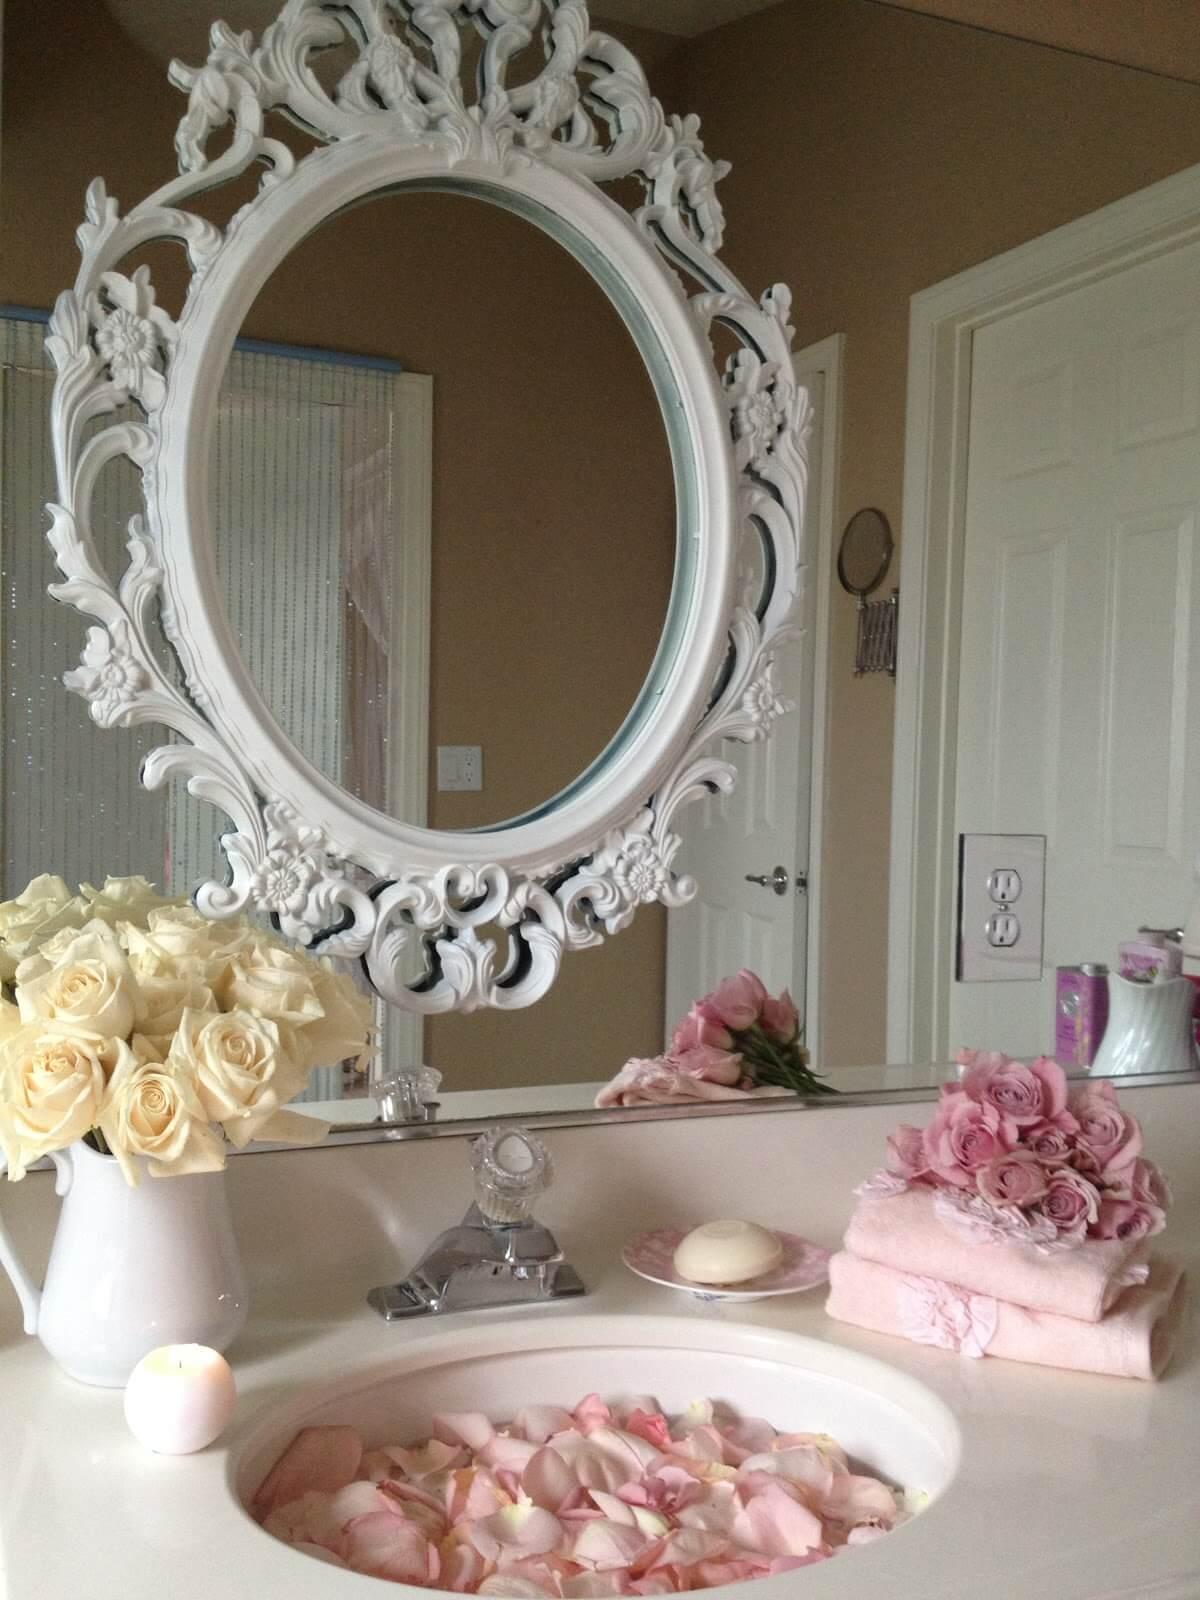 Pretty Vintage Above-Sink Mirror Frame